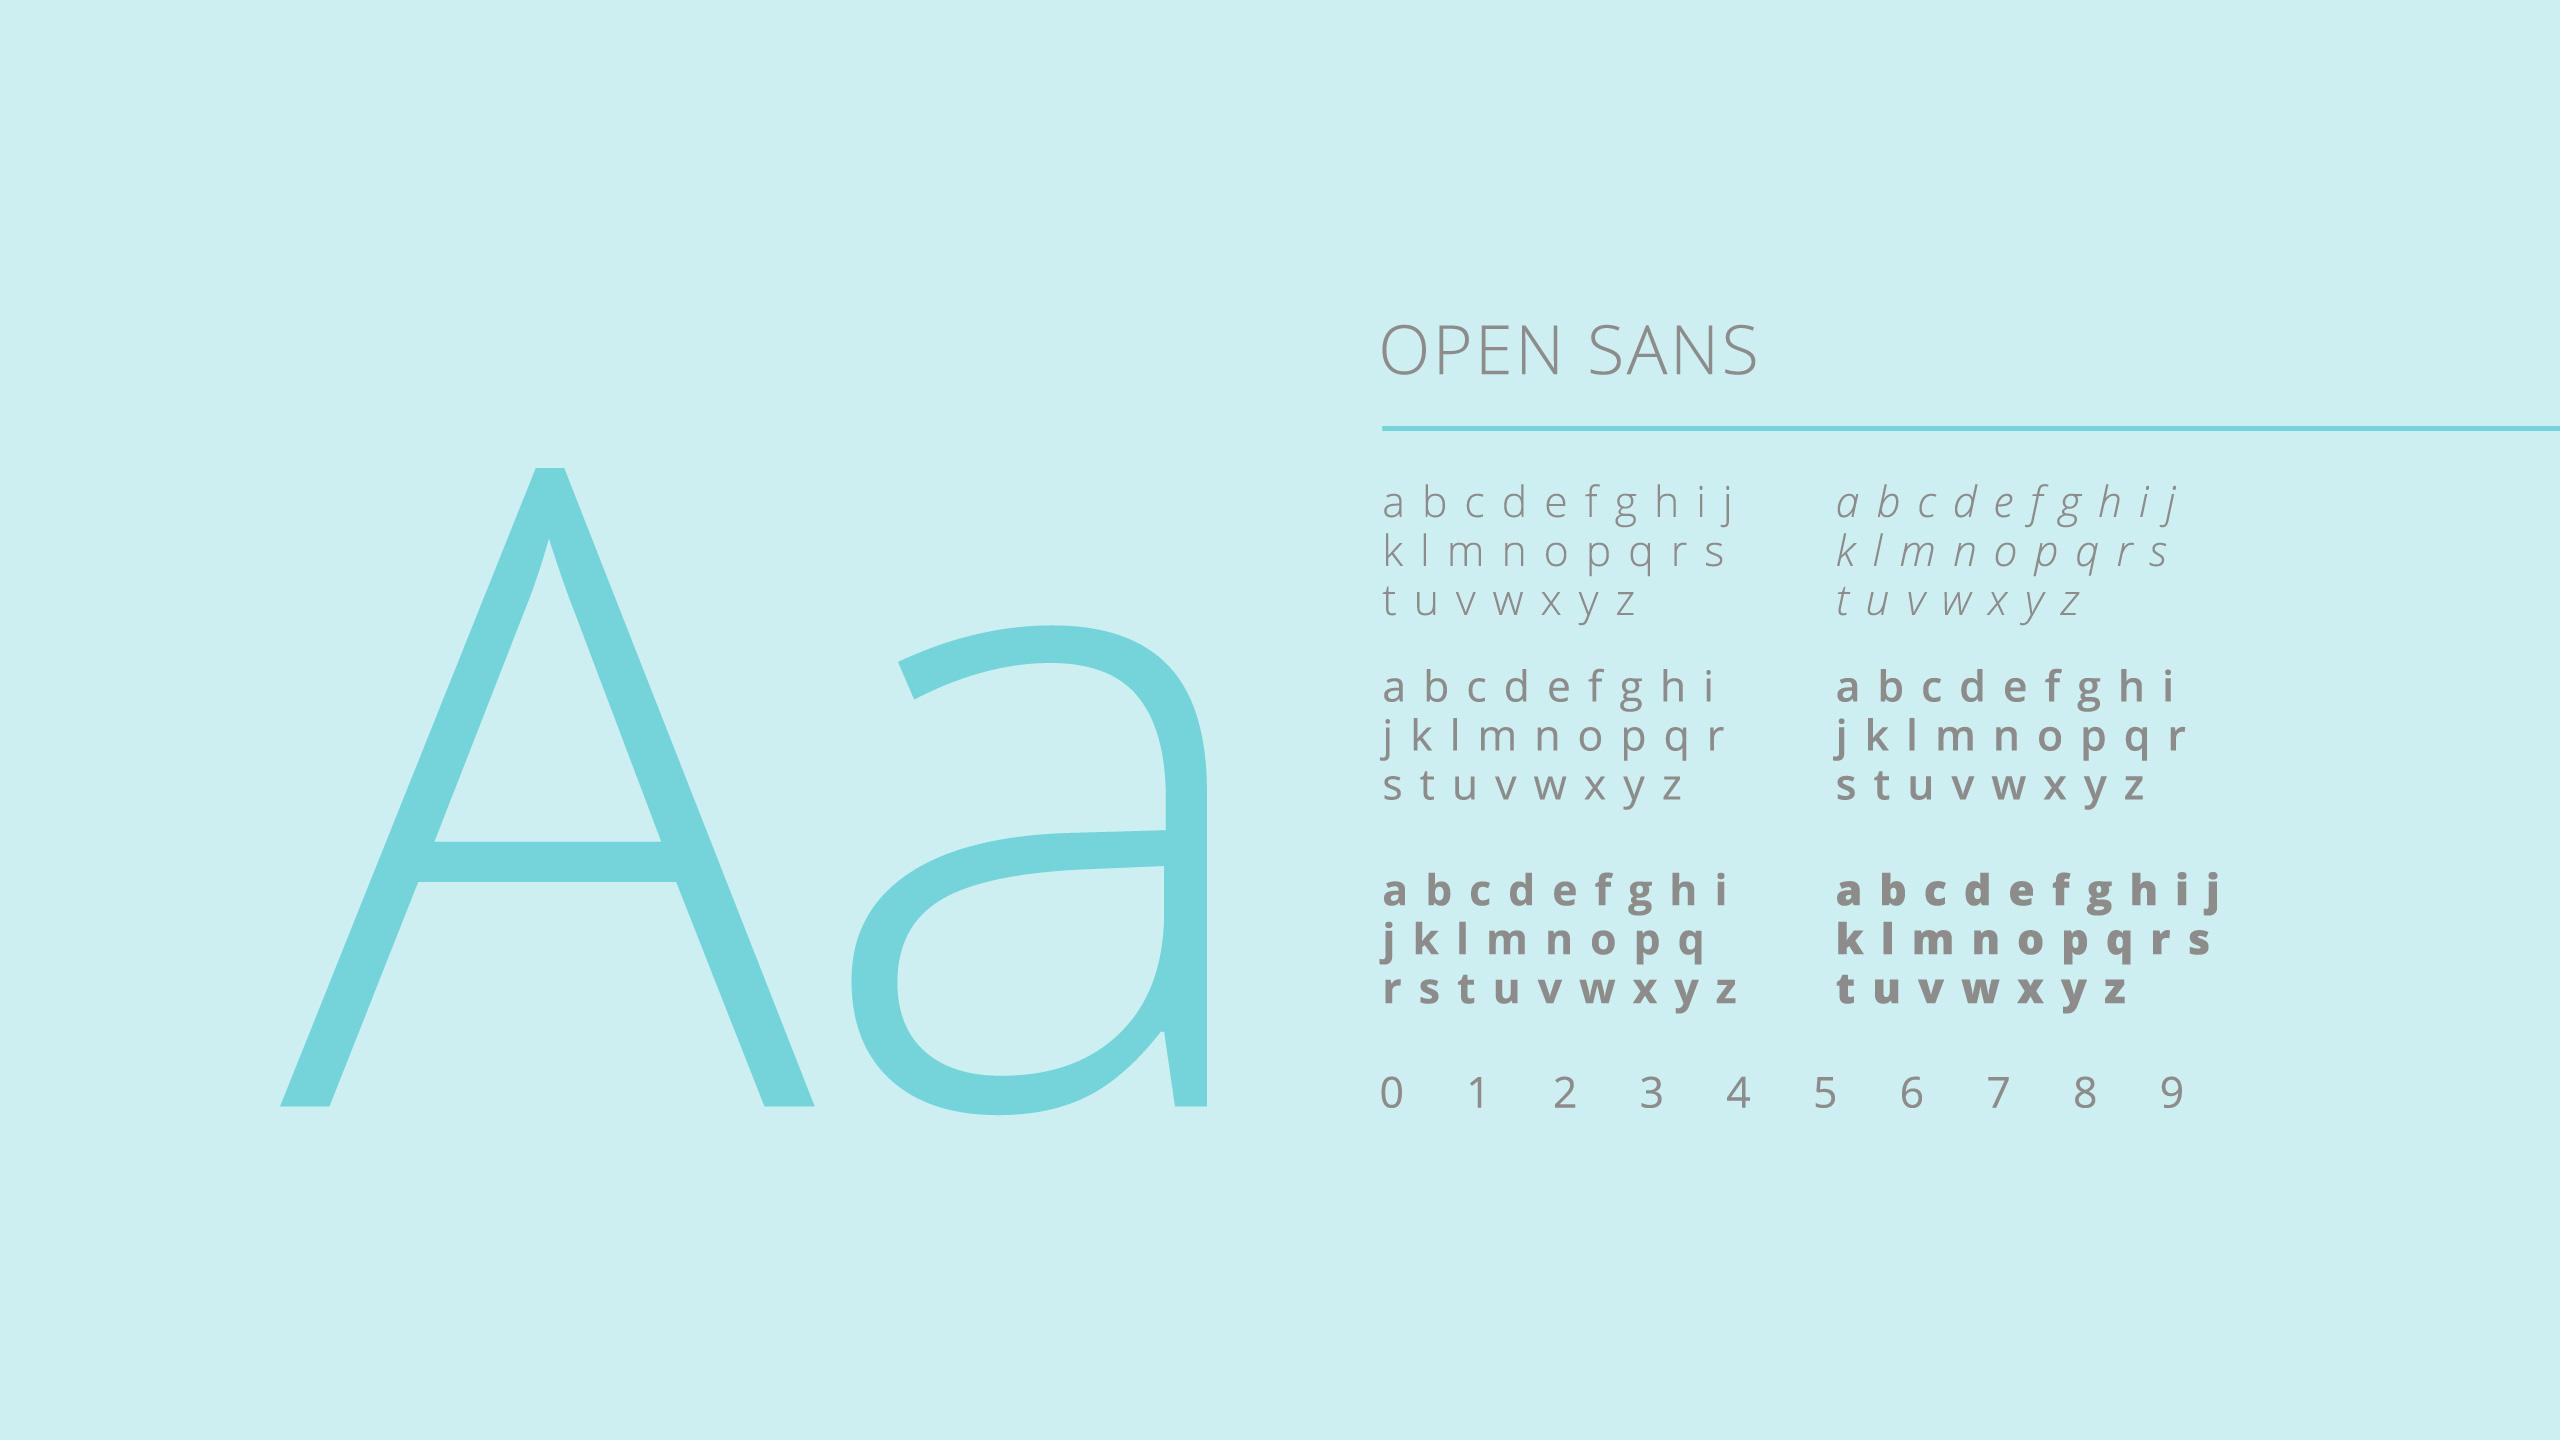 Font family selected for Advamedica branding